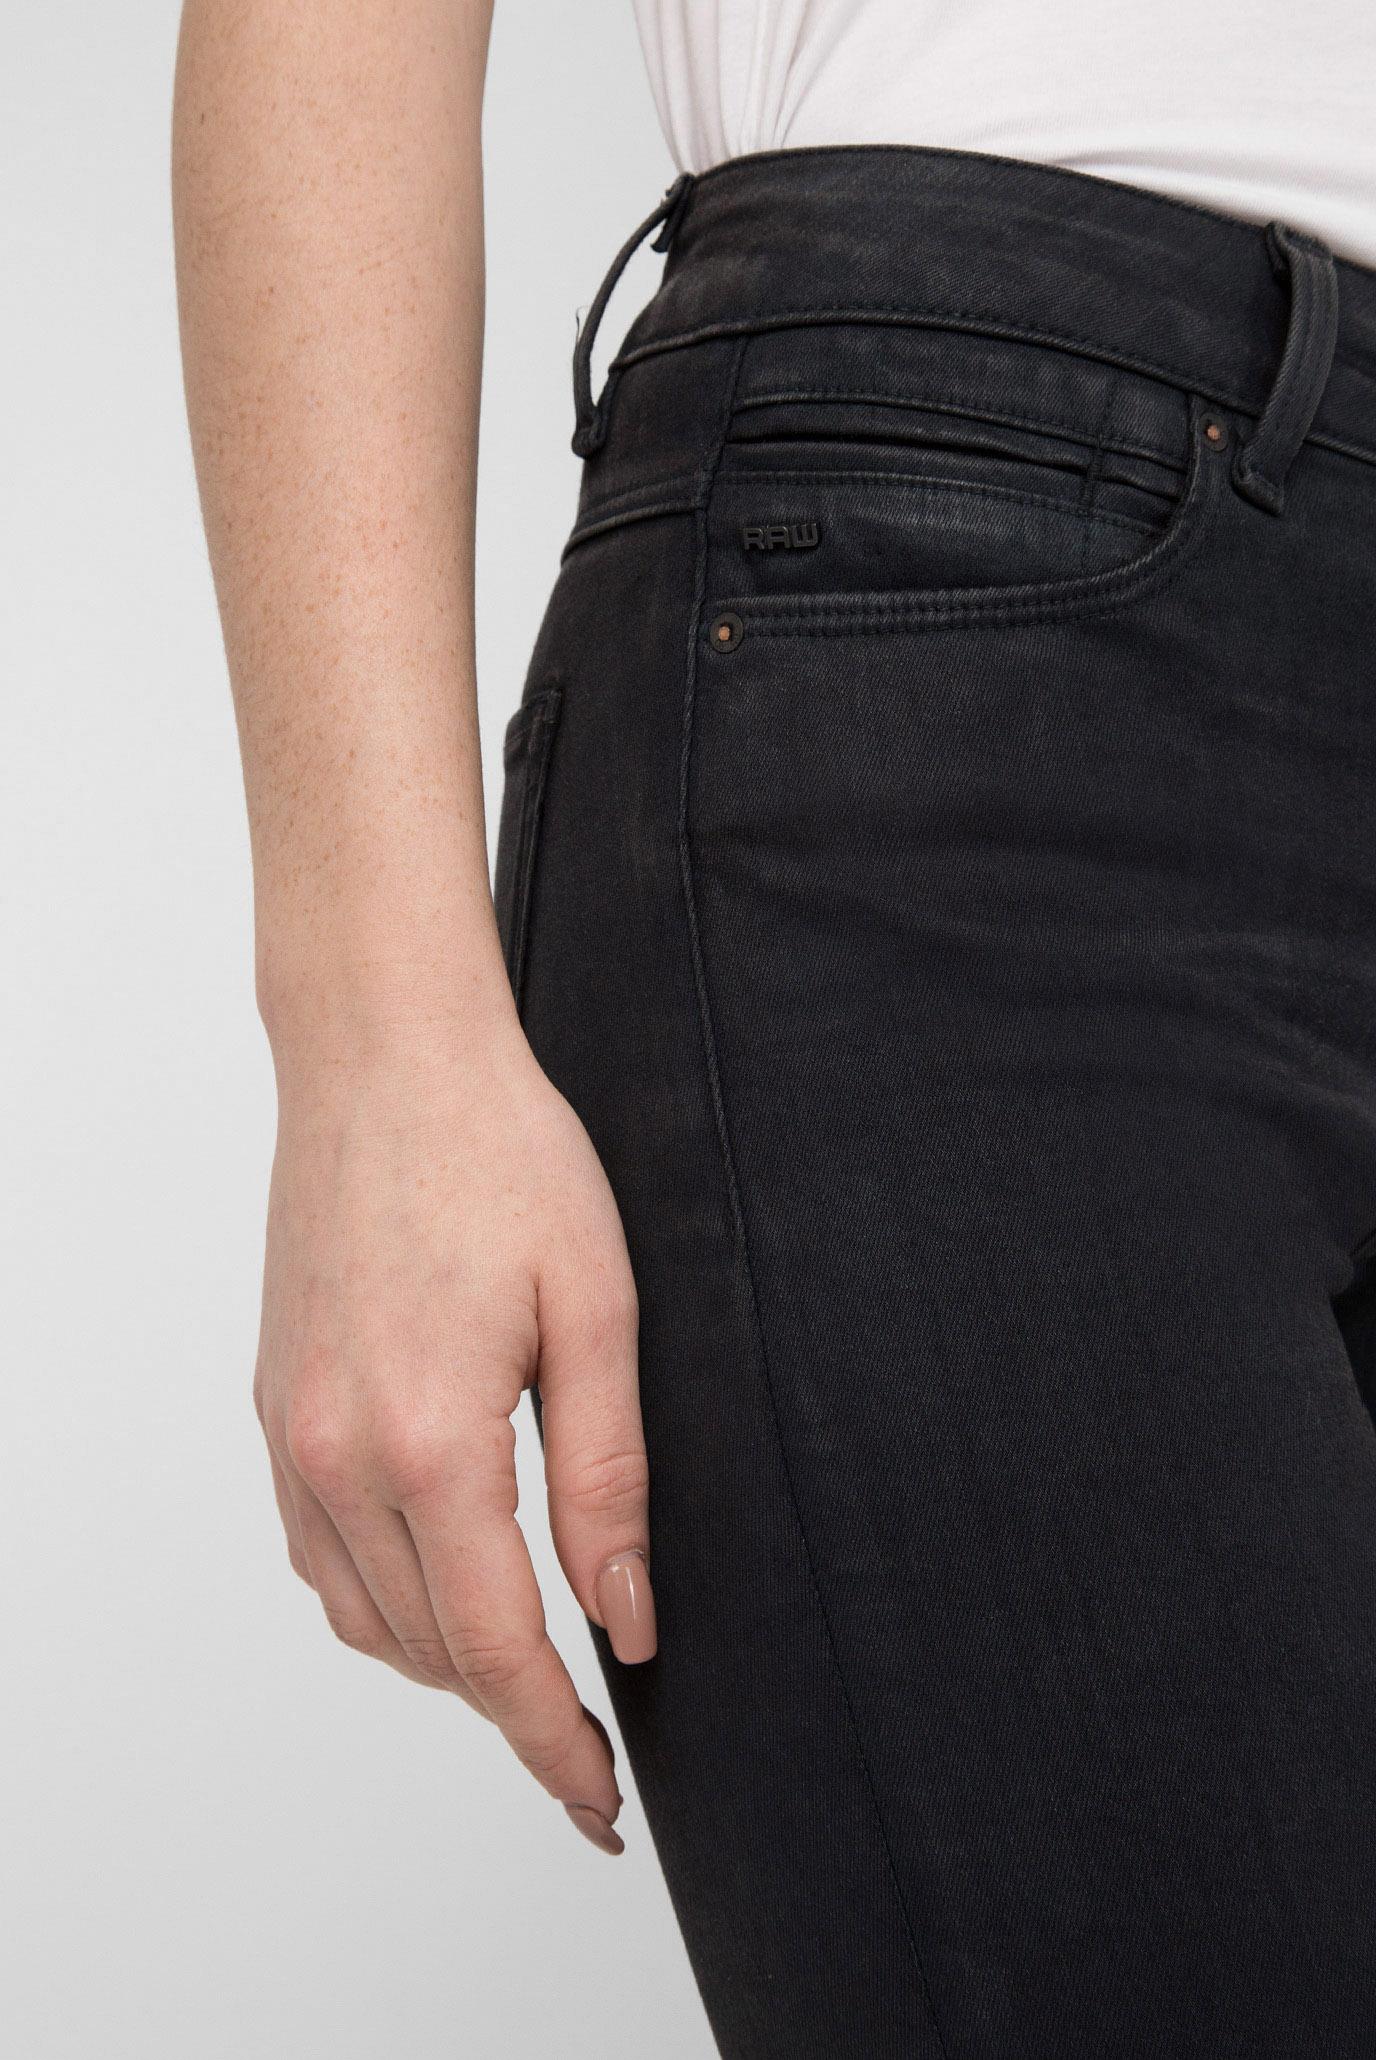 Купить Женские темно-серые джинсы Shape High Super Skinny G-Star RAW G-Star RAW D07113,9142 – Киев, Украина. Цены в интернет магазине MD Fashion